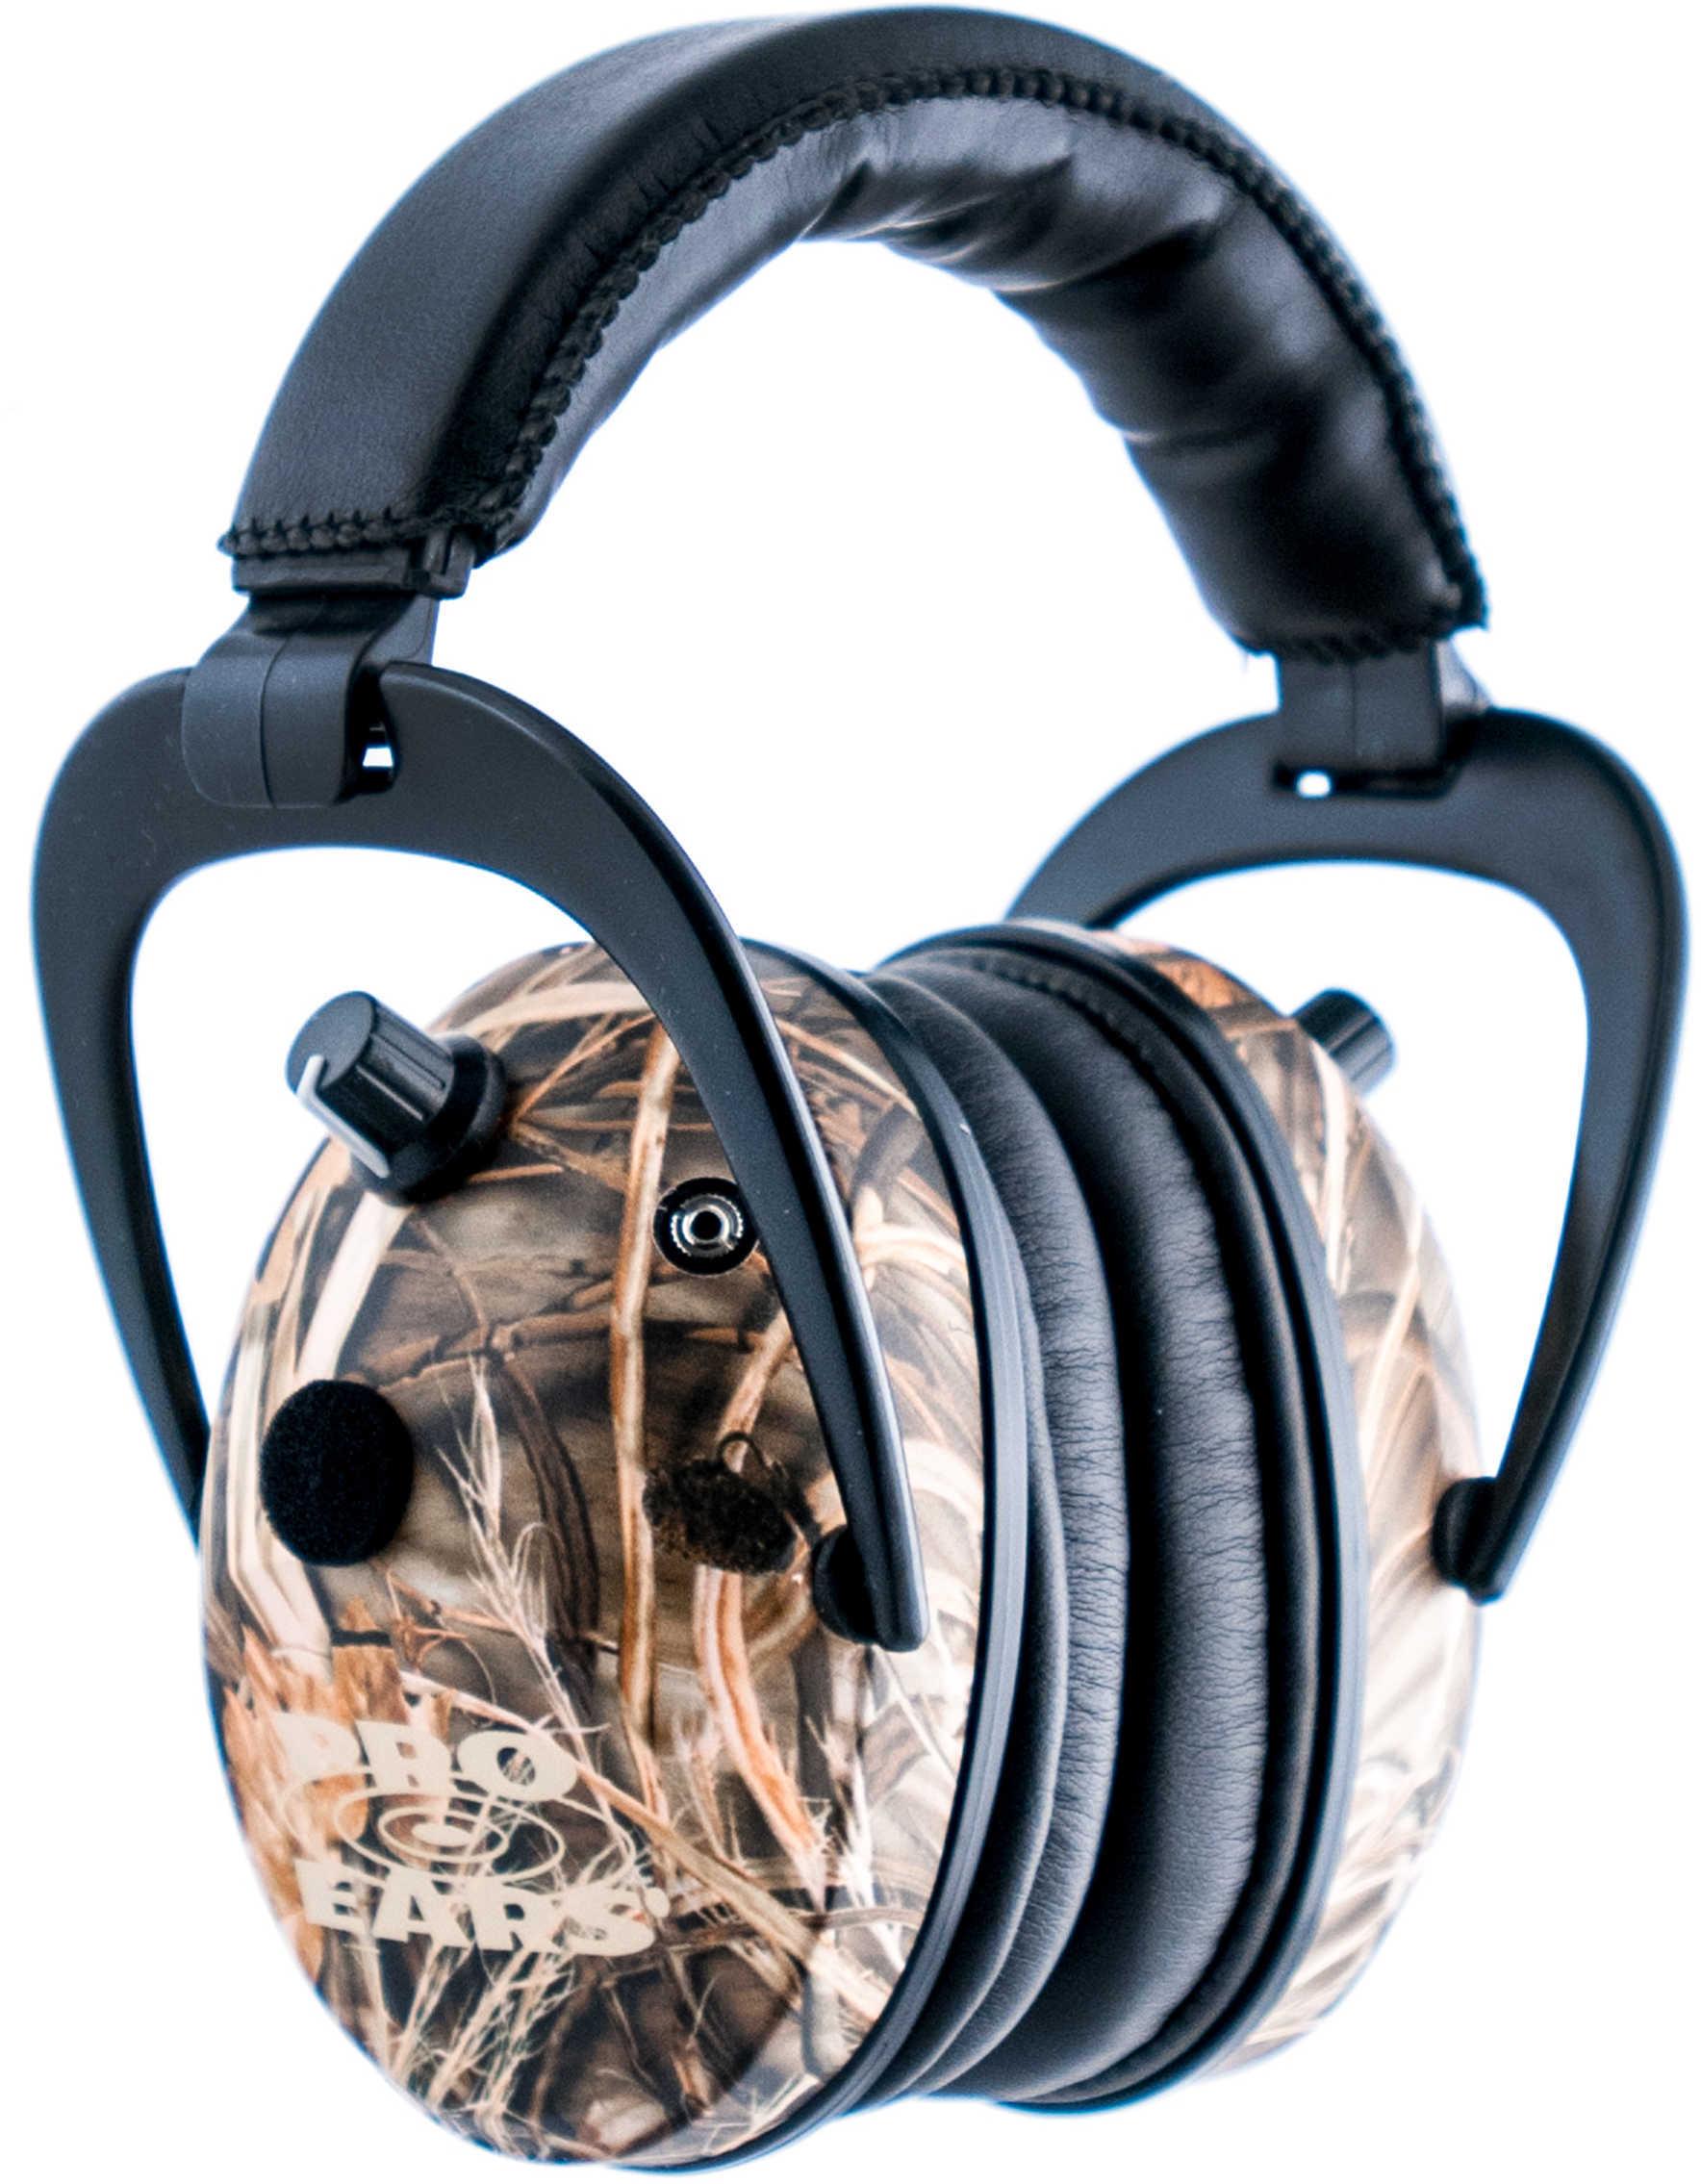 Pro Ears Predator Gold NRR 26 Realtree Advantage Max 4 GS-P300-CM4